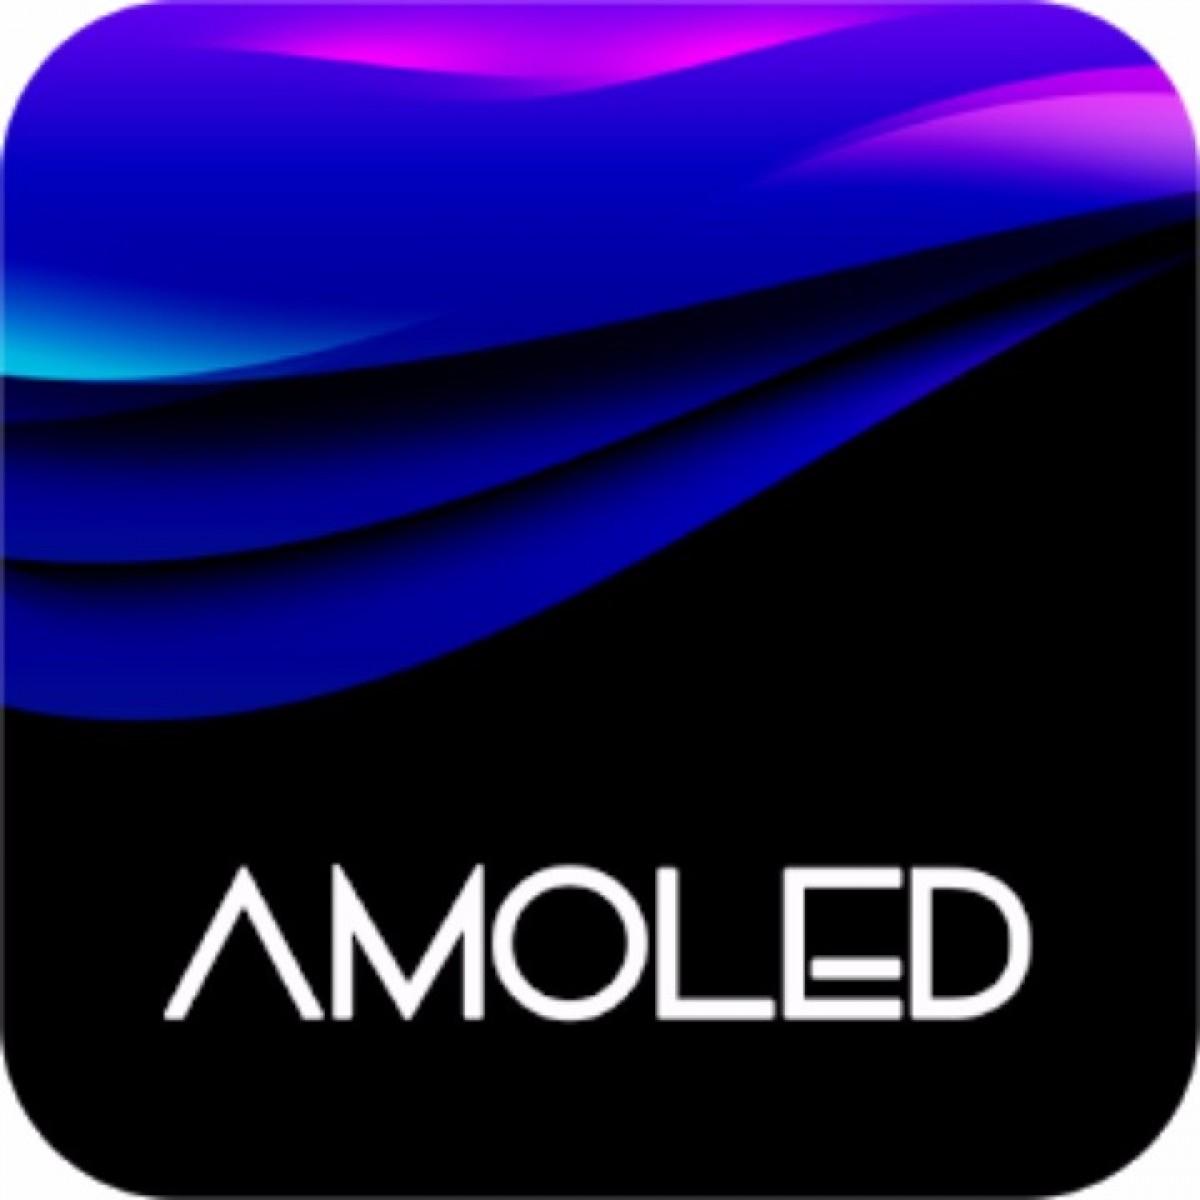 دانلود اپلیکیشن AMOLED Wallpapers آخرین ورژن مجموعه تصاویر پس زمینه با کیفیت بالا برای اندروید